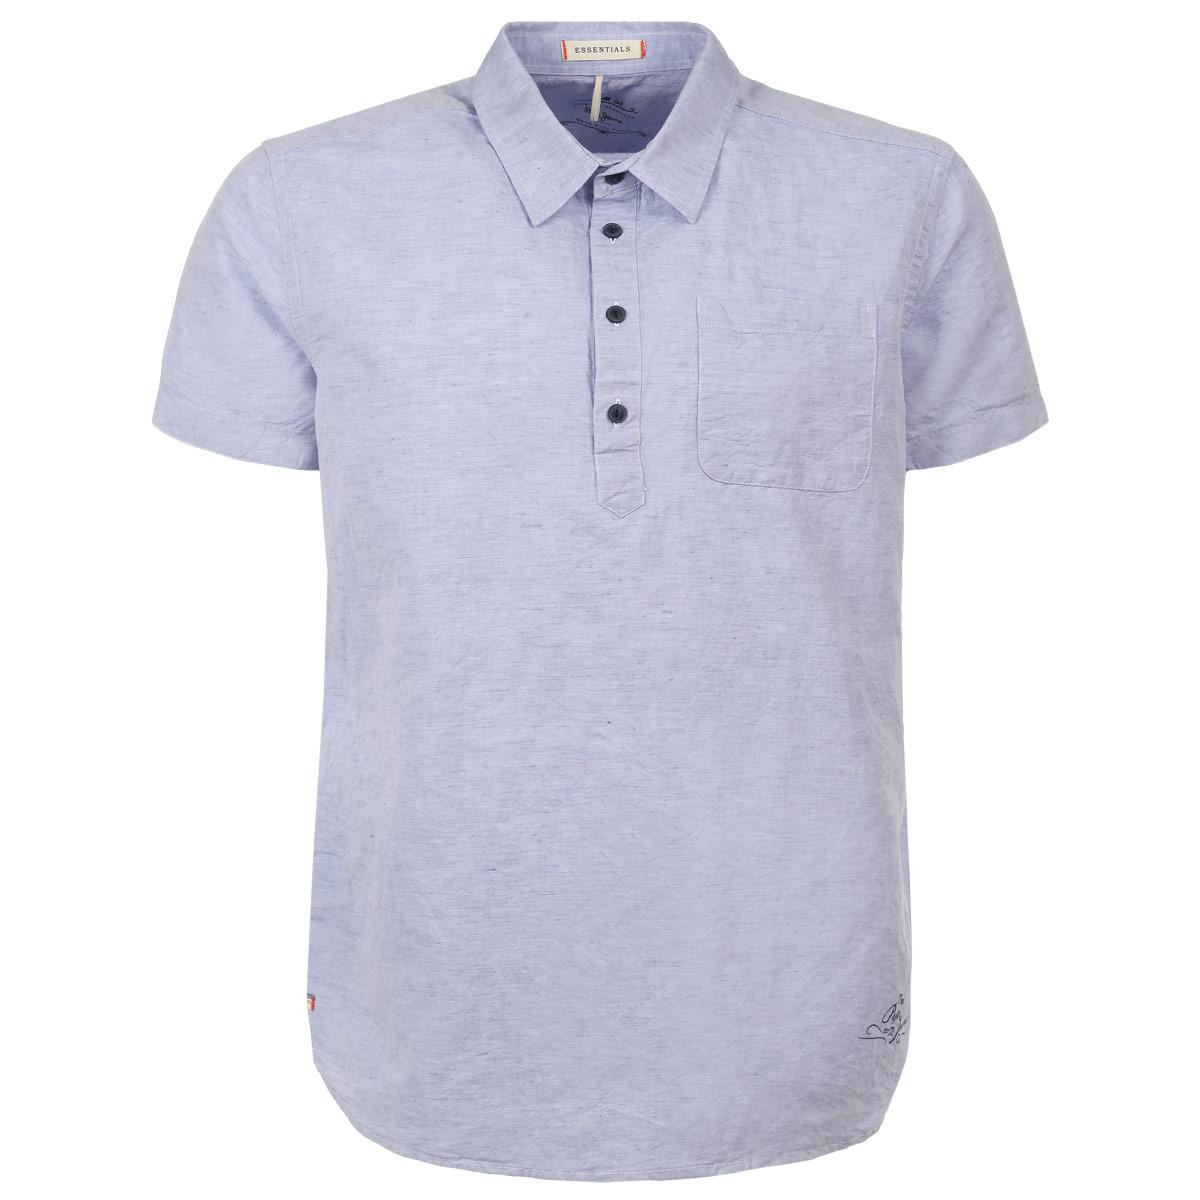 Рубашка-поло мужская. PM301555PM301555 501Стильная мужская рубашка-поло Pepe Jeans, выполненная из хлопка с добавлением льна, обладает высокой теплопроводностью, воздухопроницаемостью и гигроскопичностью, позволяет коже дышать, тем самым обеспечивая наибольший комфорт при носке даже самым жарким летом. Модель с короткими рукавами, отложным воротником и полукруглым низом застегивается сверху на четыре пуговицы. На груди изделие дополнено накладным карманом. Такая рубашка будет дарить вам комфорт в течение всего дня и послужит замечательным дополнением к вашему гардеробу.